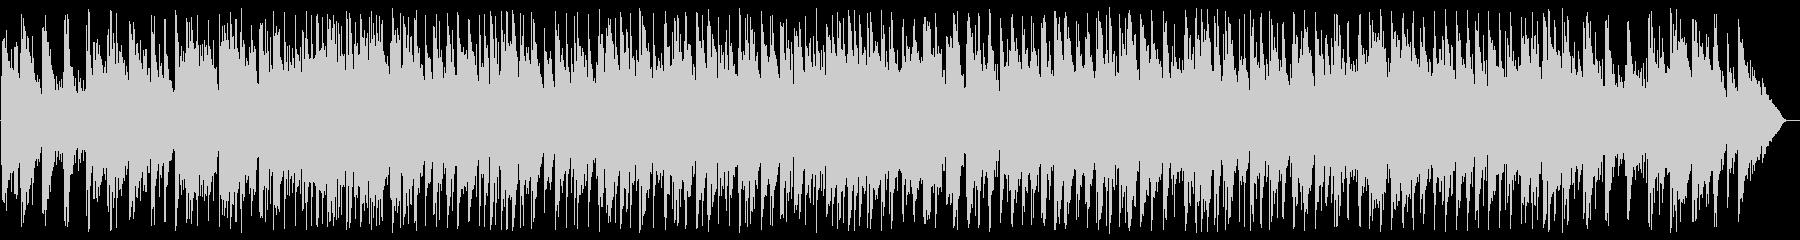 メローでメロディアスなアコギサウンドの未再生の波形